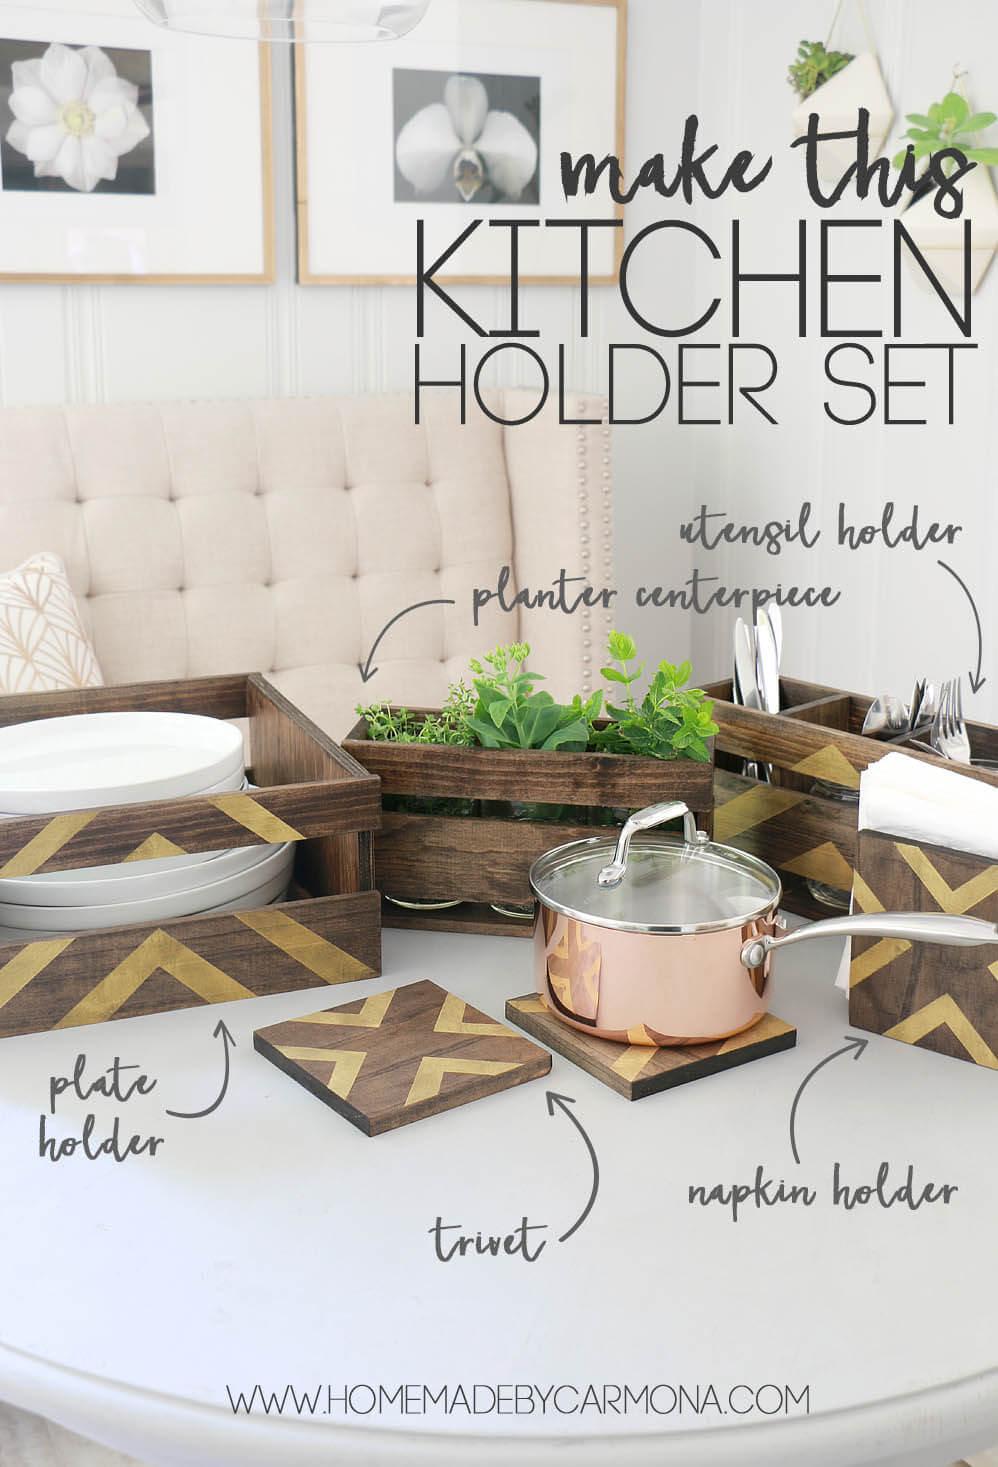 How To Make A DIY Kitchen Holder Set